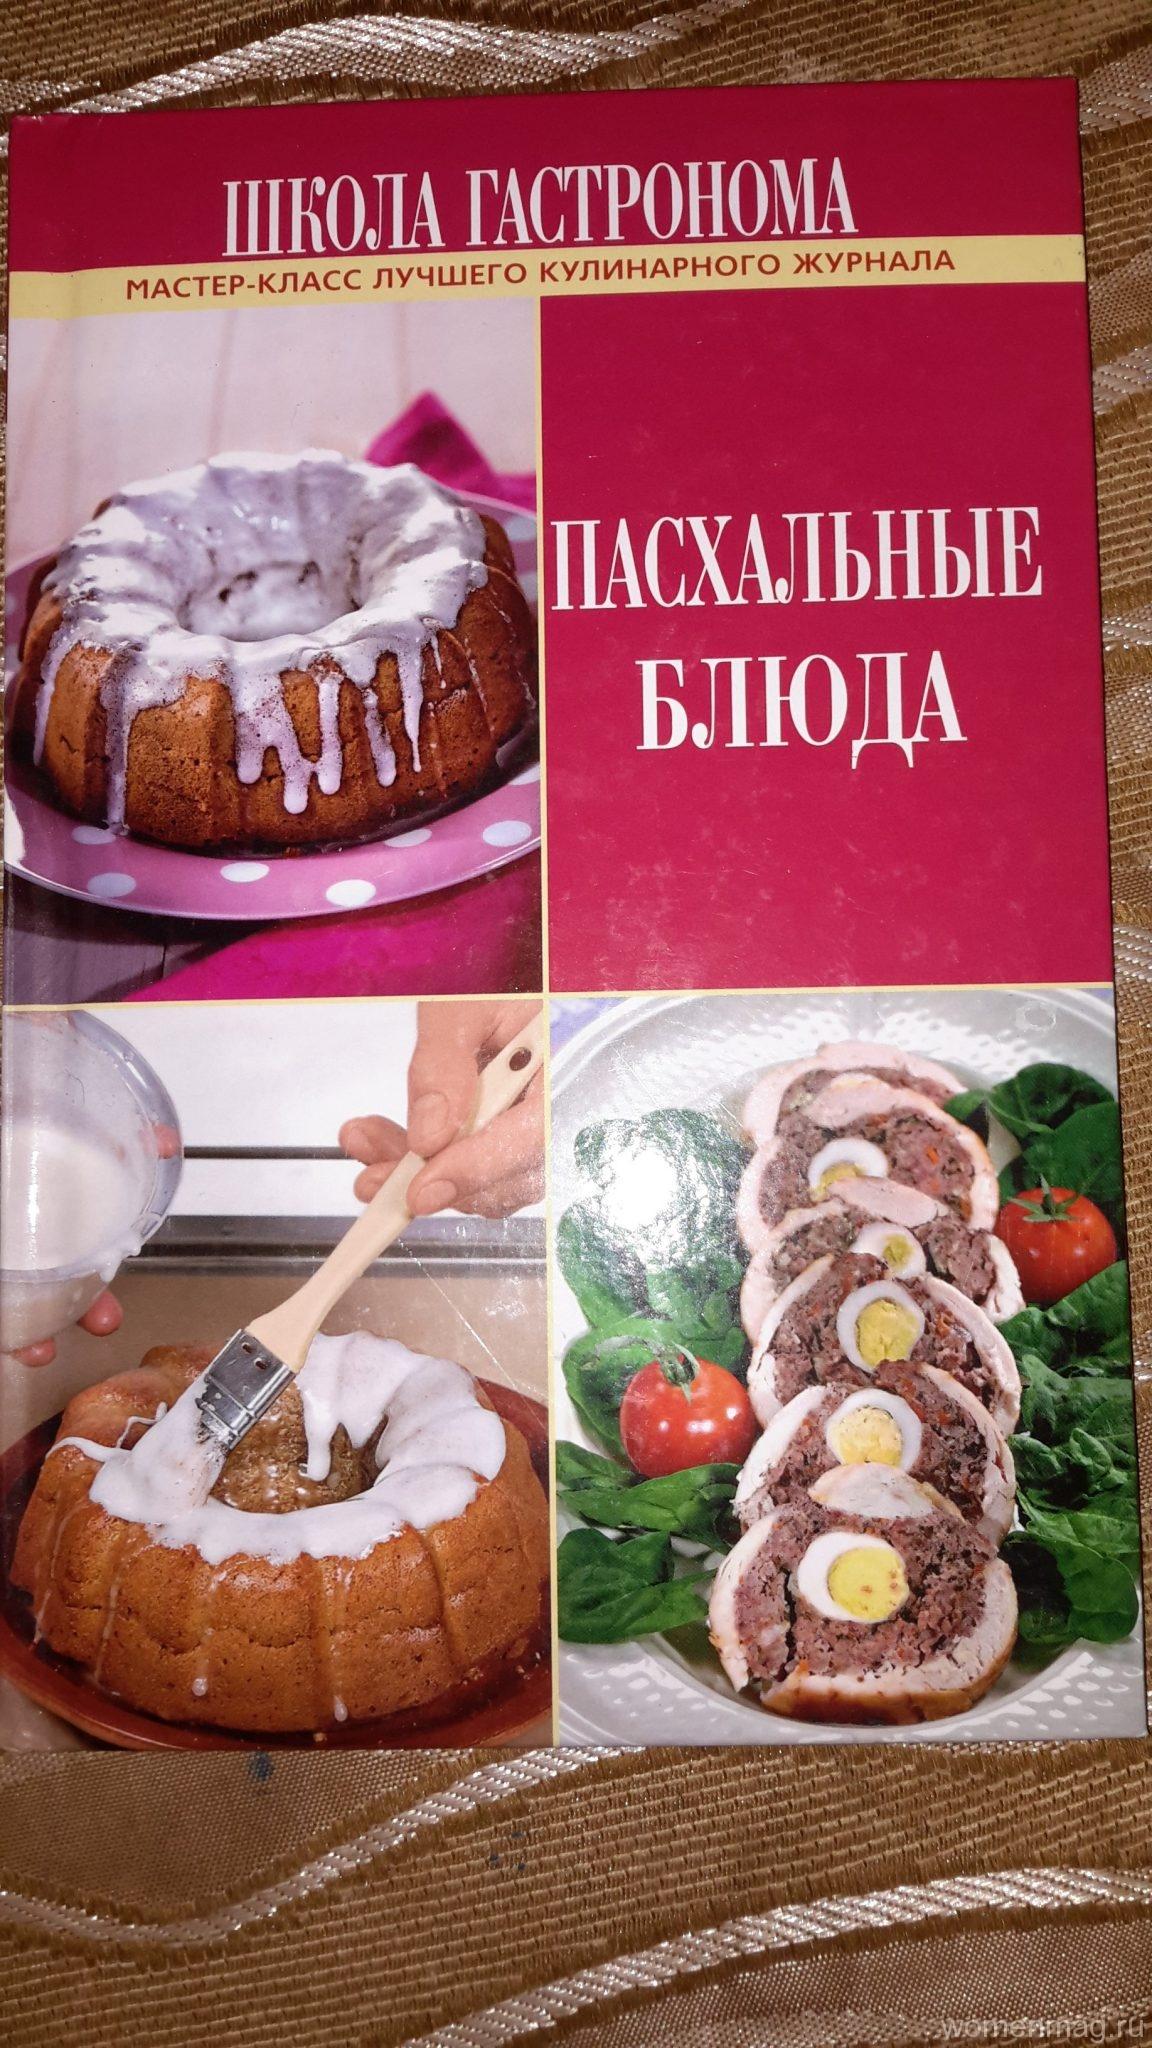 Отзыв на книгу «Школа гастронома. Пасхальные блюда» издательства Эксмо